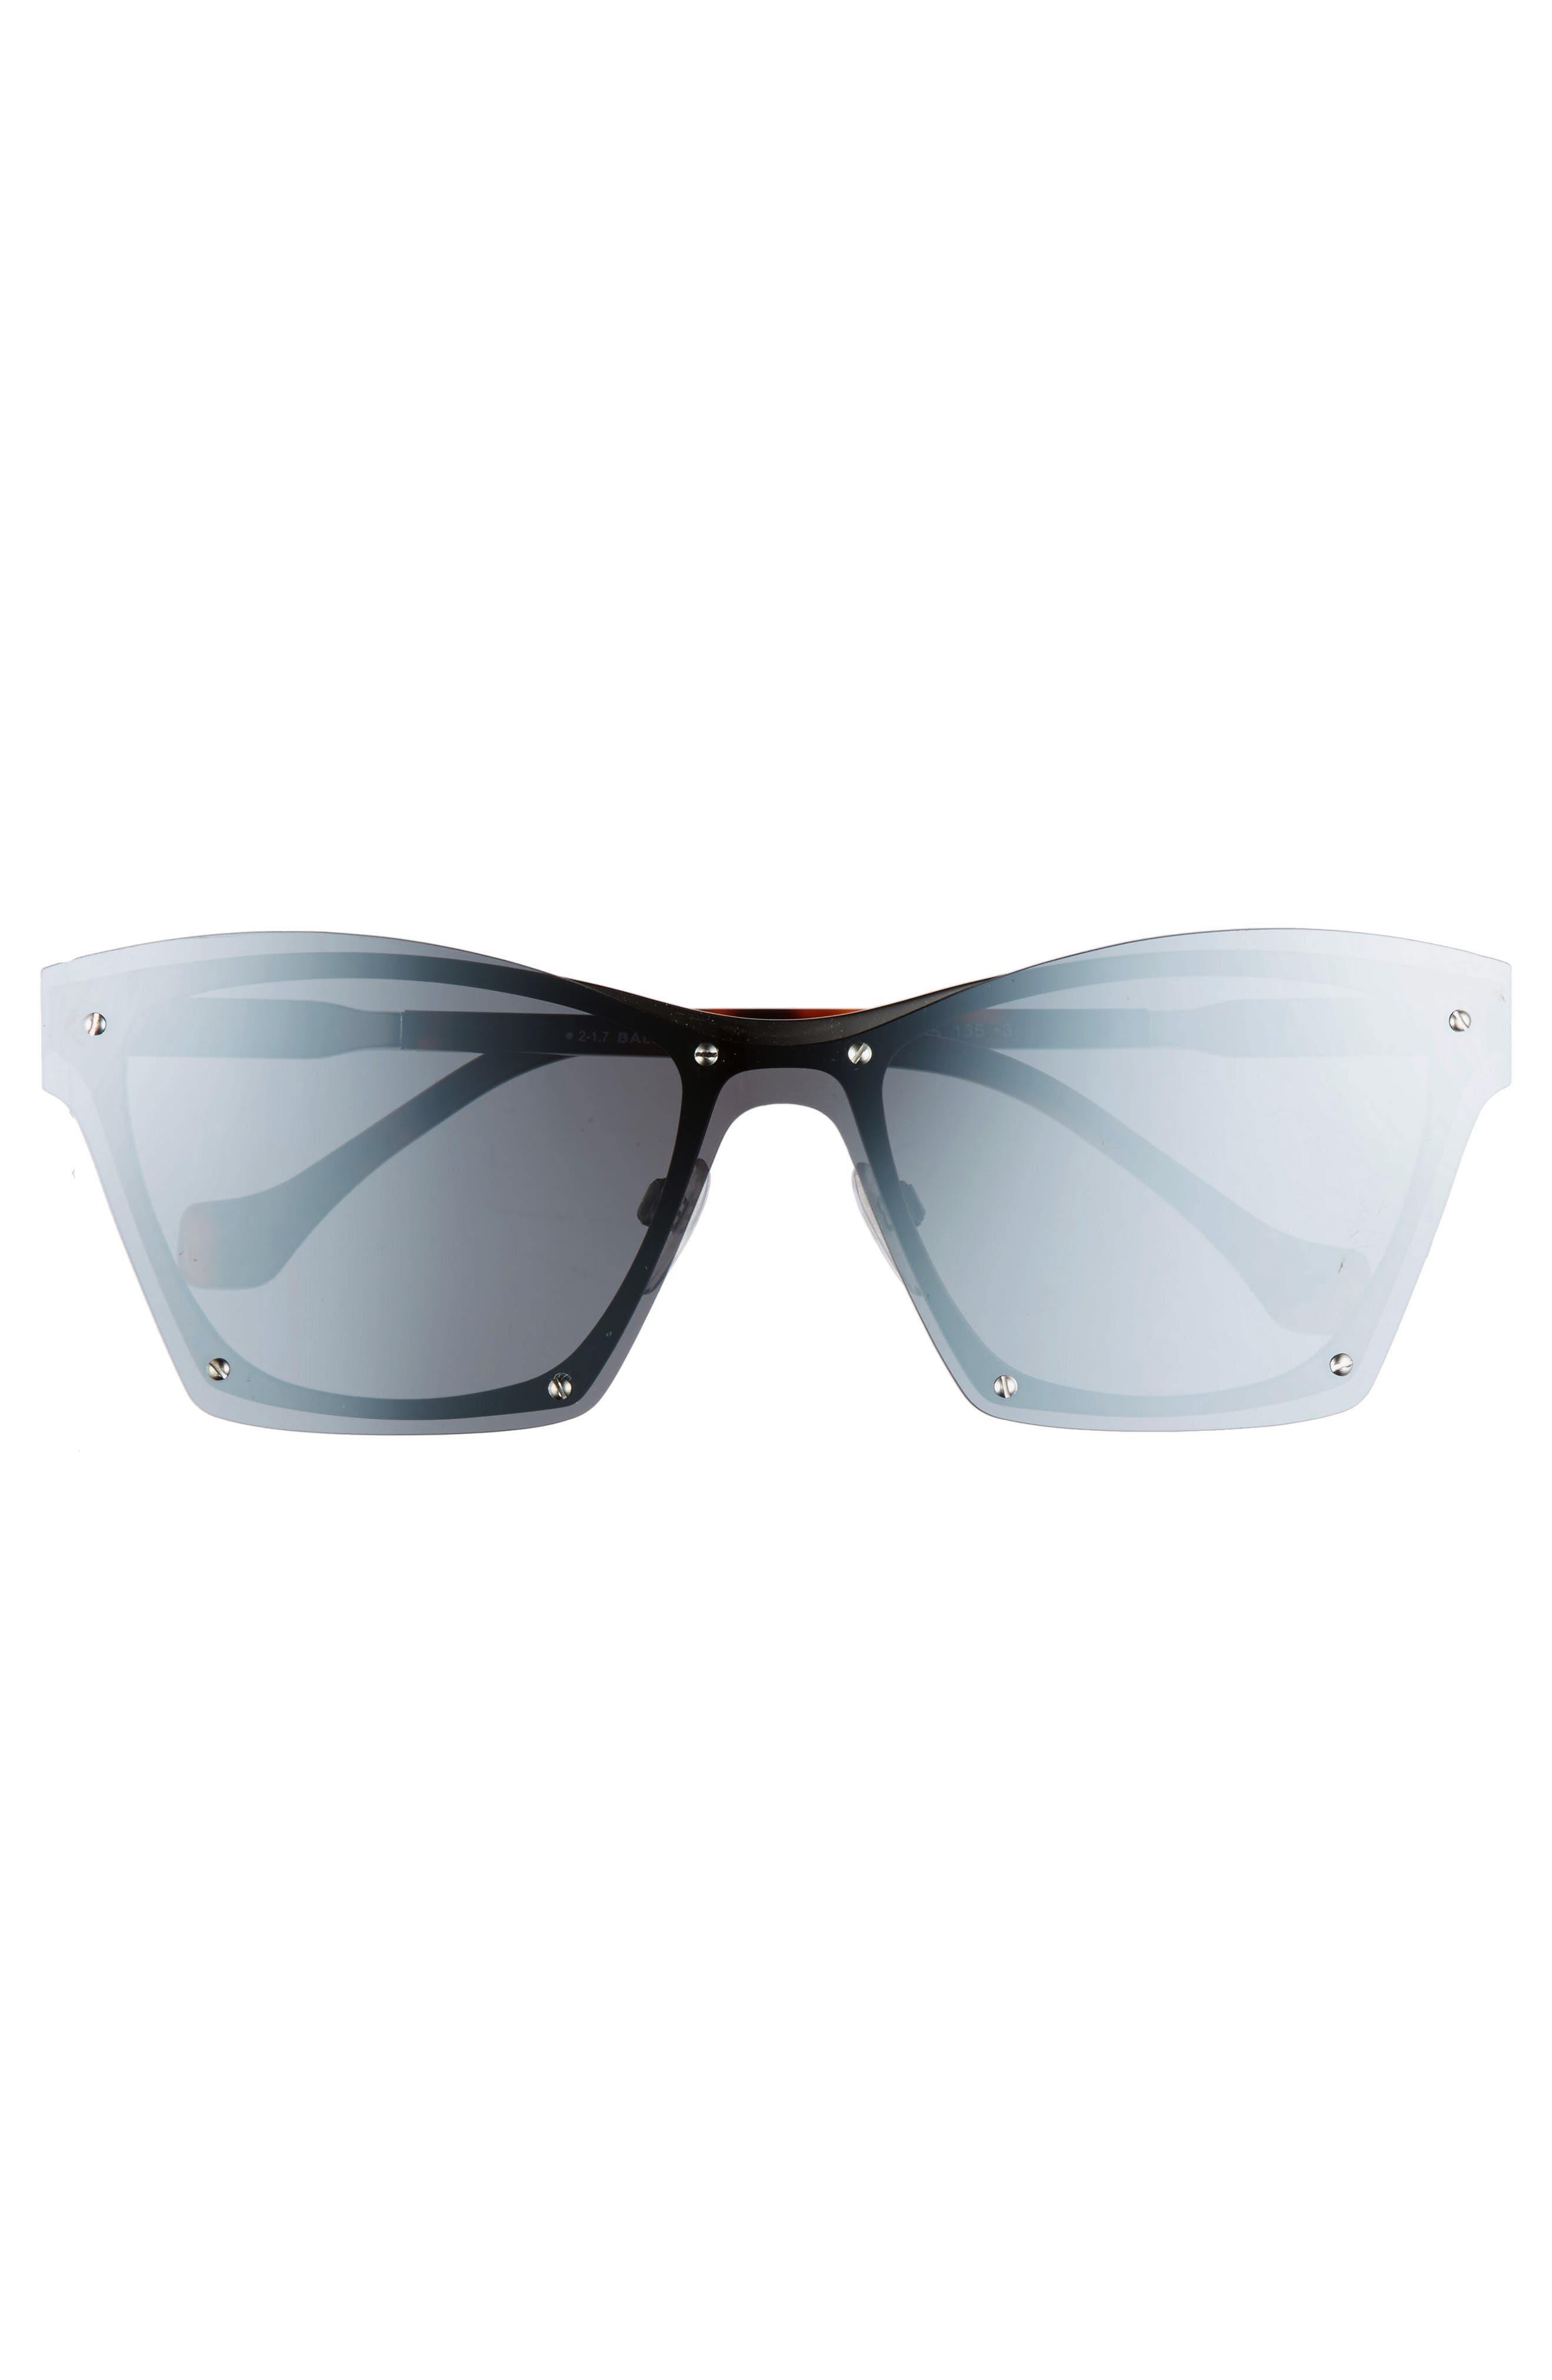 55mm Frameless Sunglasses,                             Alternate thumbnail 3, color,                             040